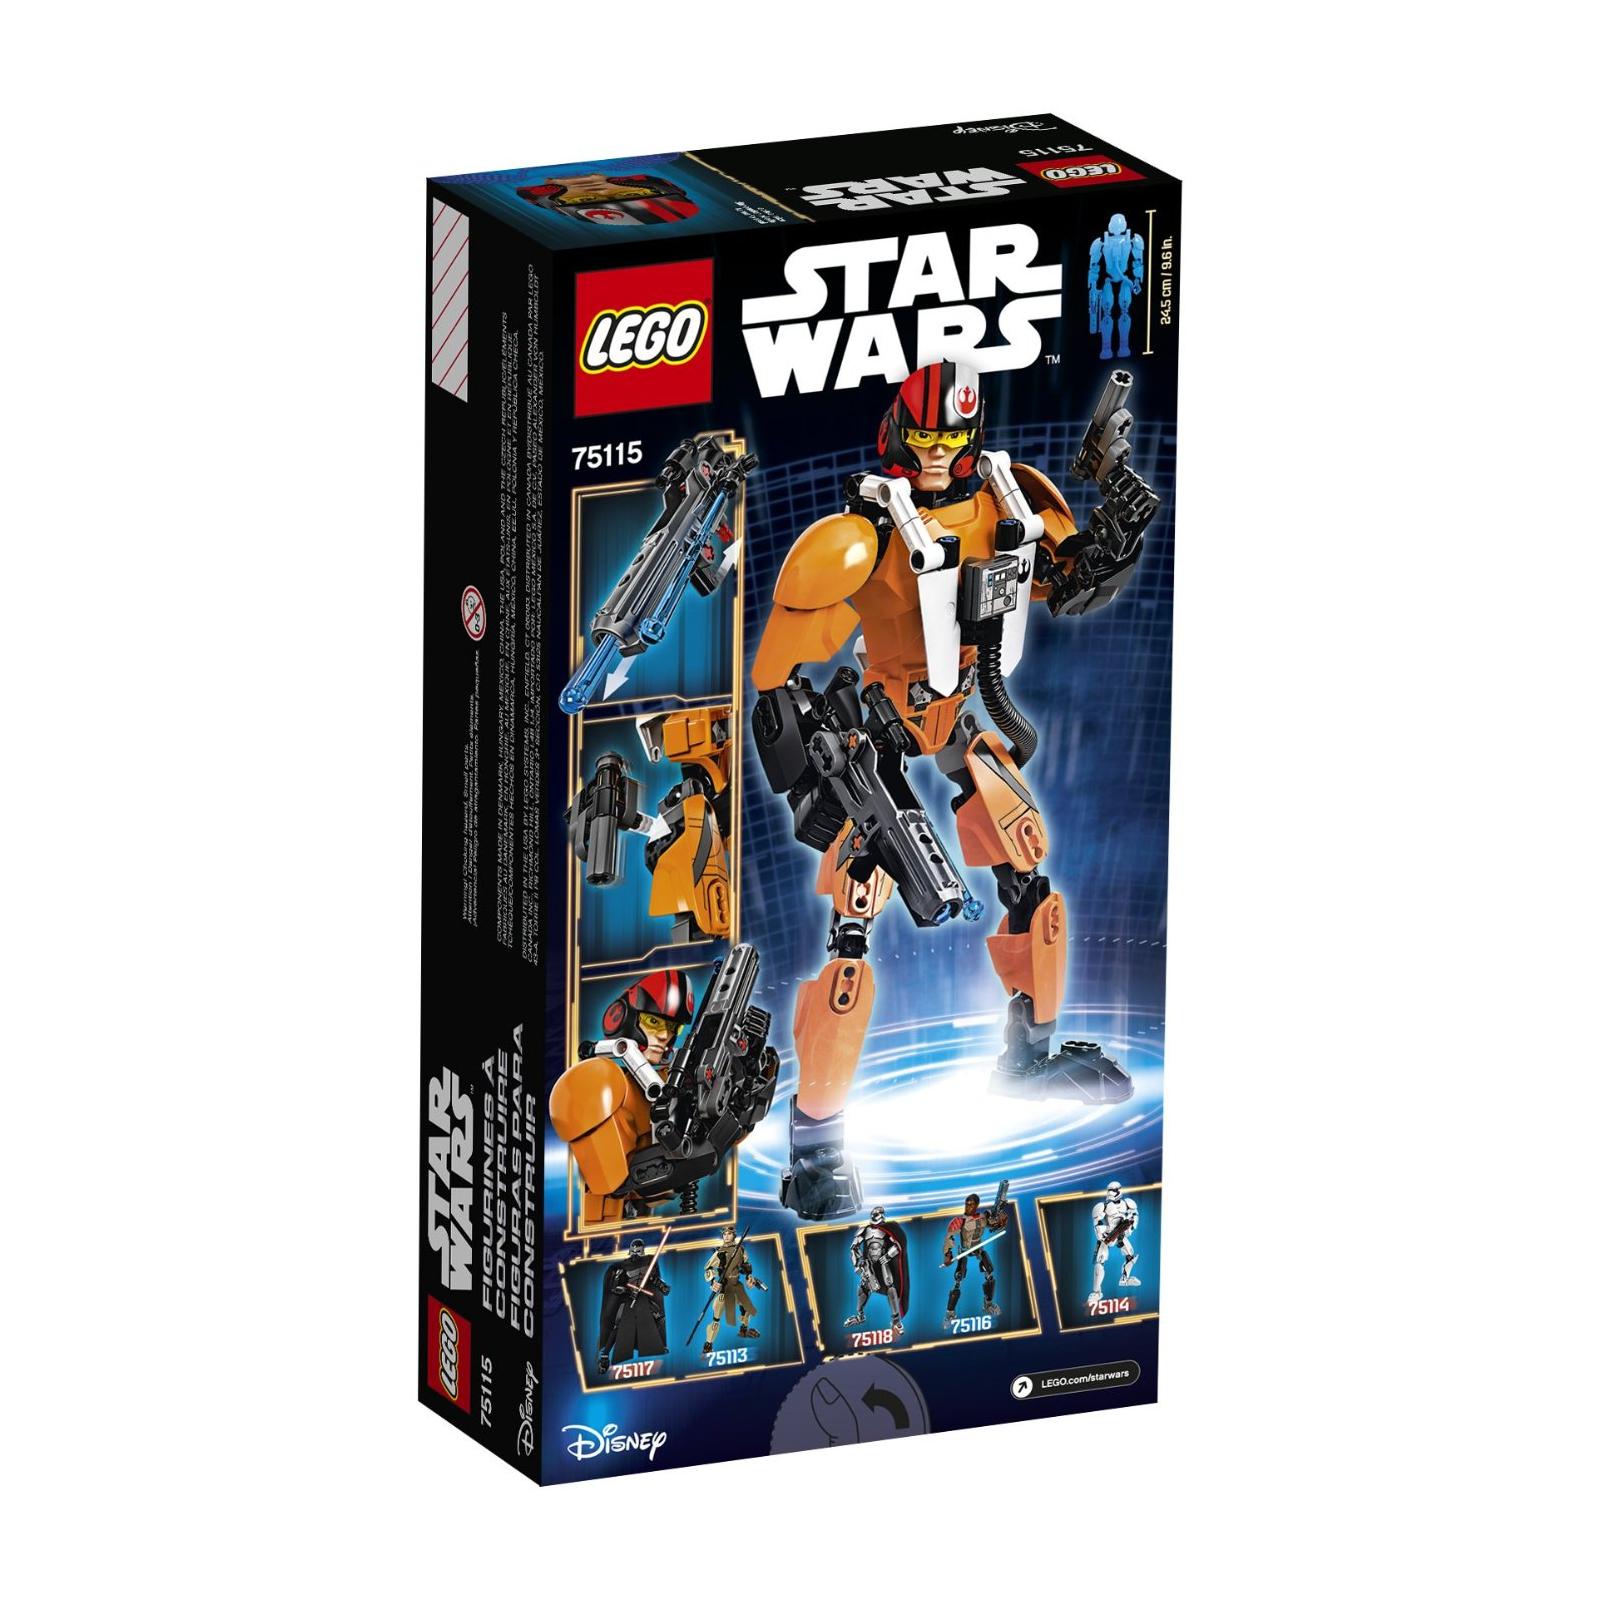 Конструктор LEGO Star Wars По Демерон (75115) изображение 8